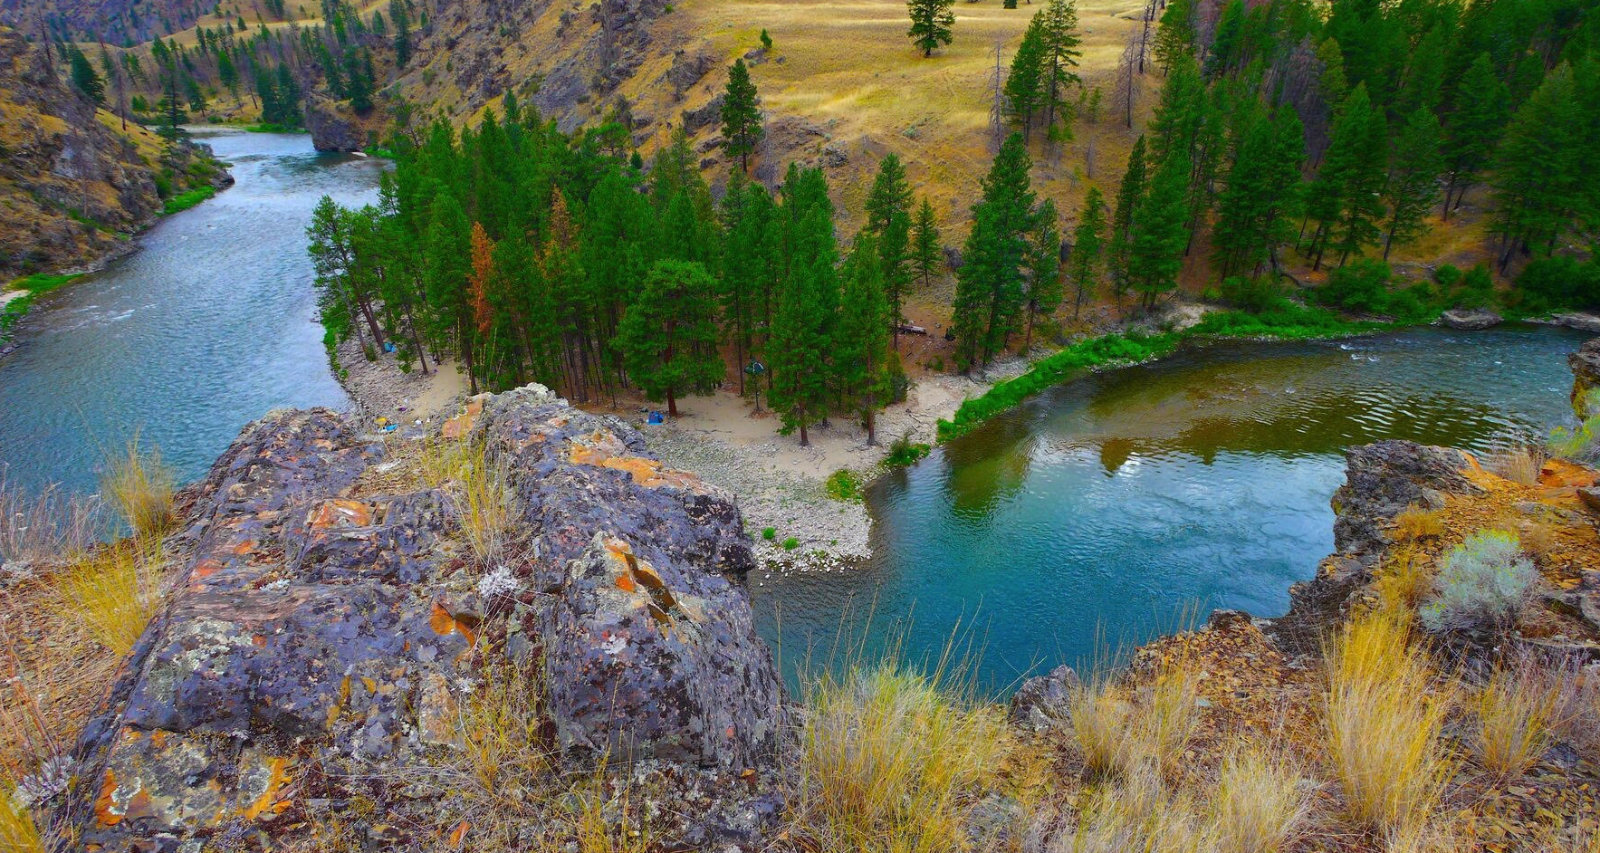 middlefork river landscape